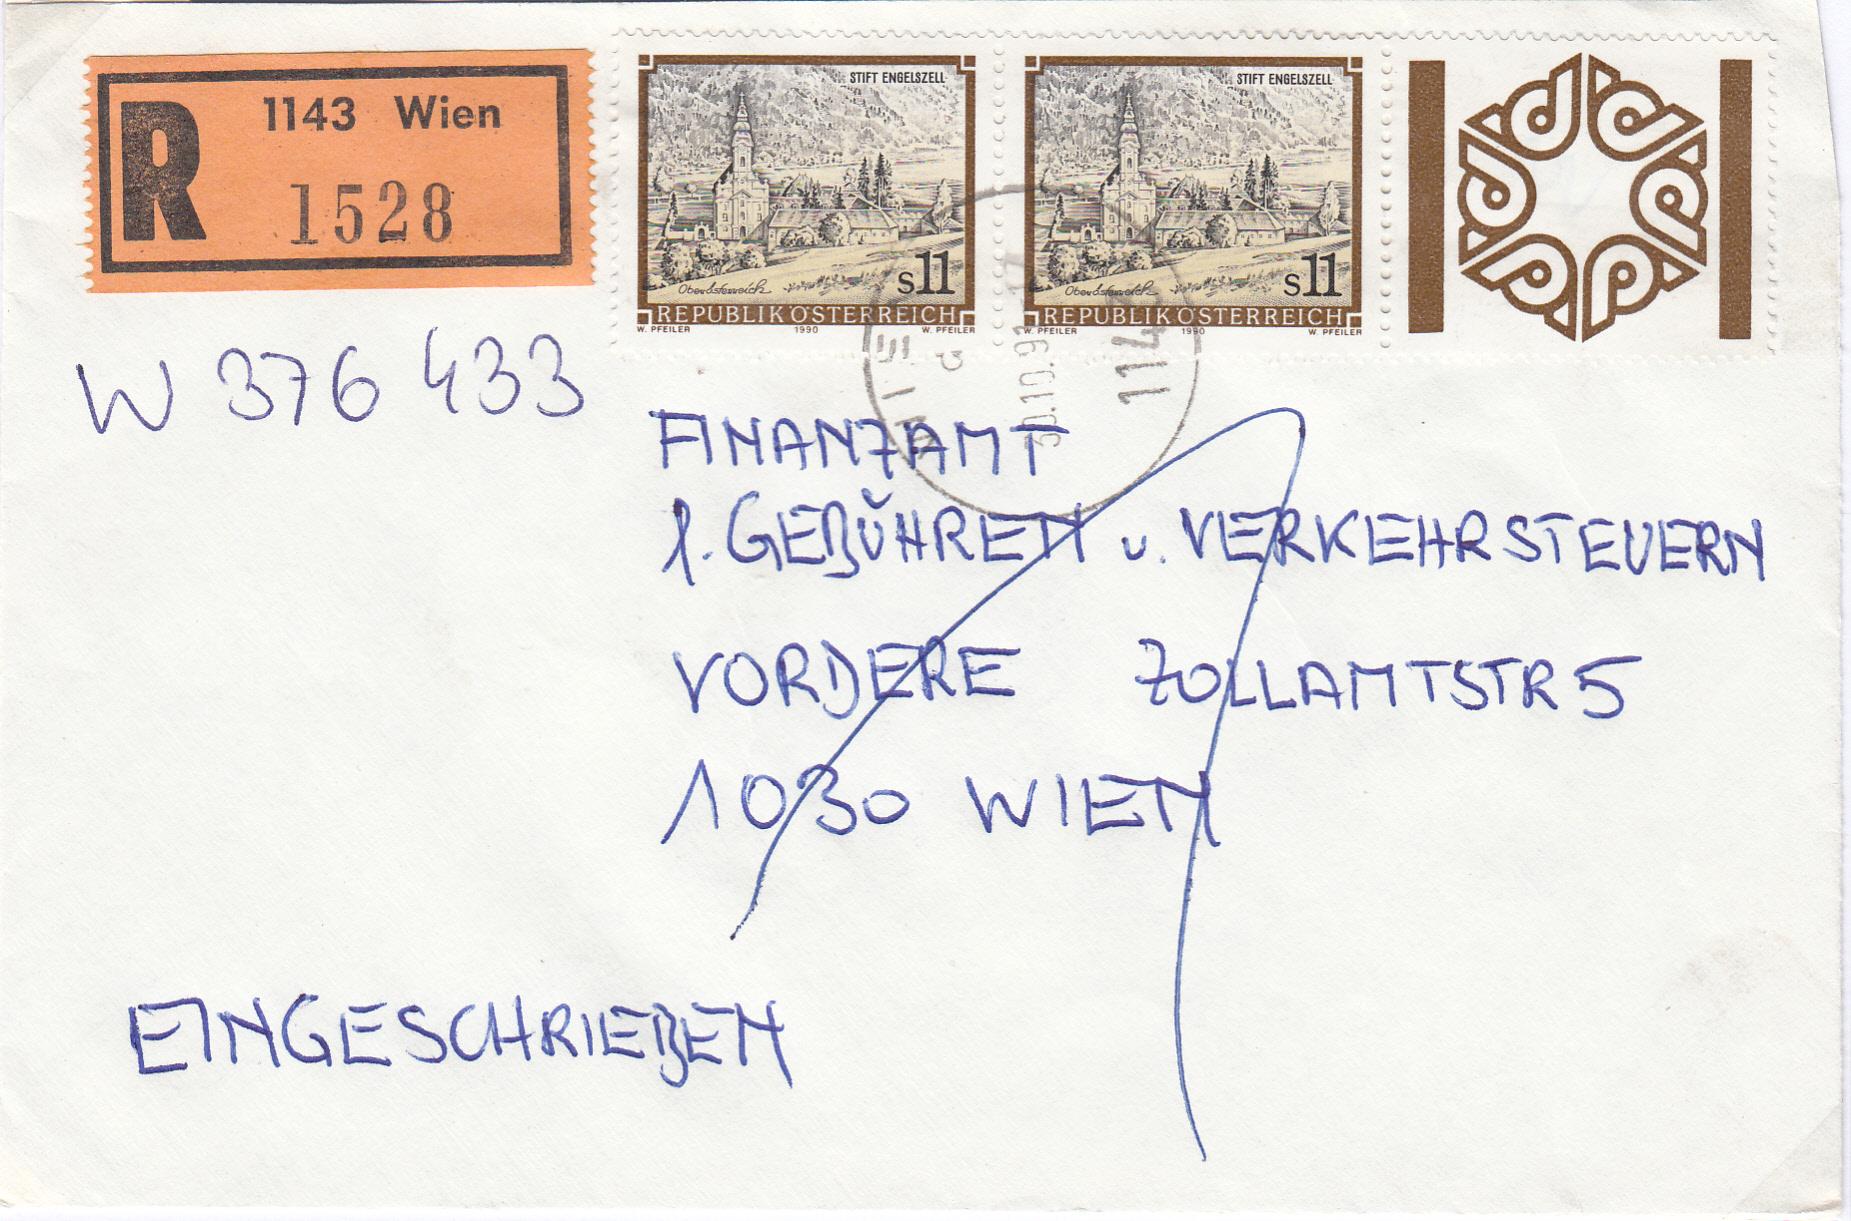 Stifte und Klöster - Belege Img_0262